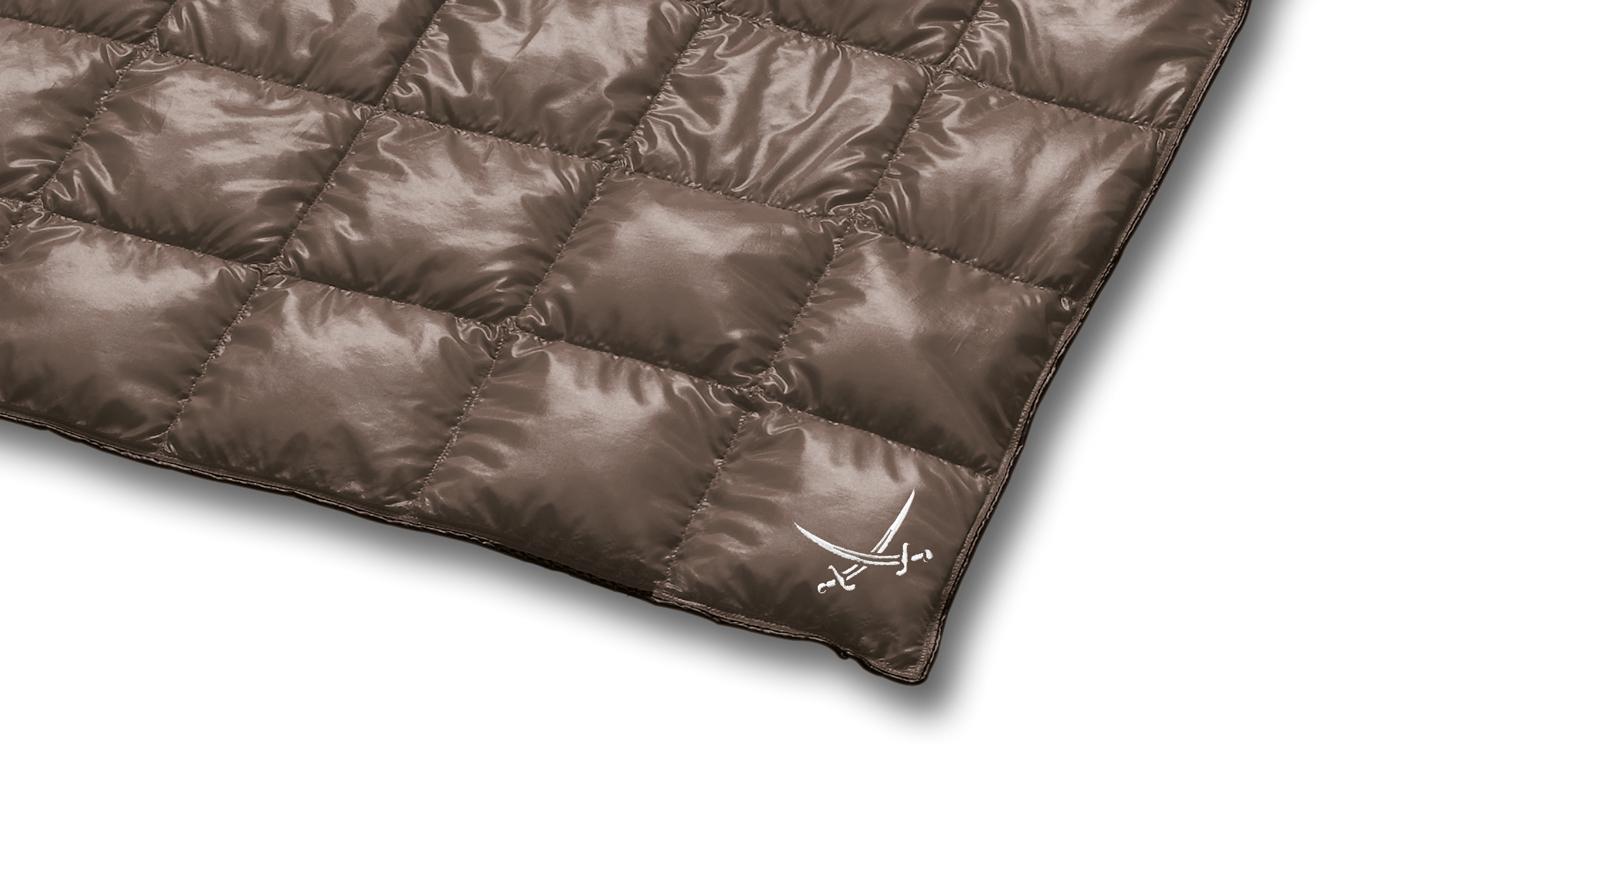 Reisedecke Ultraleicht - Bettdecke aus reinen Daunen